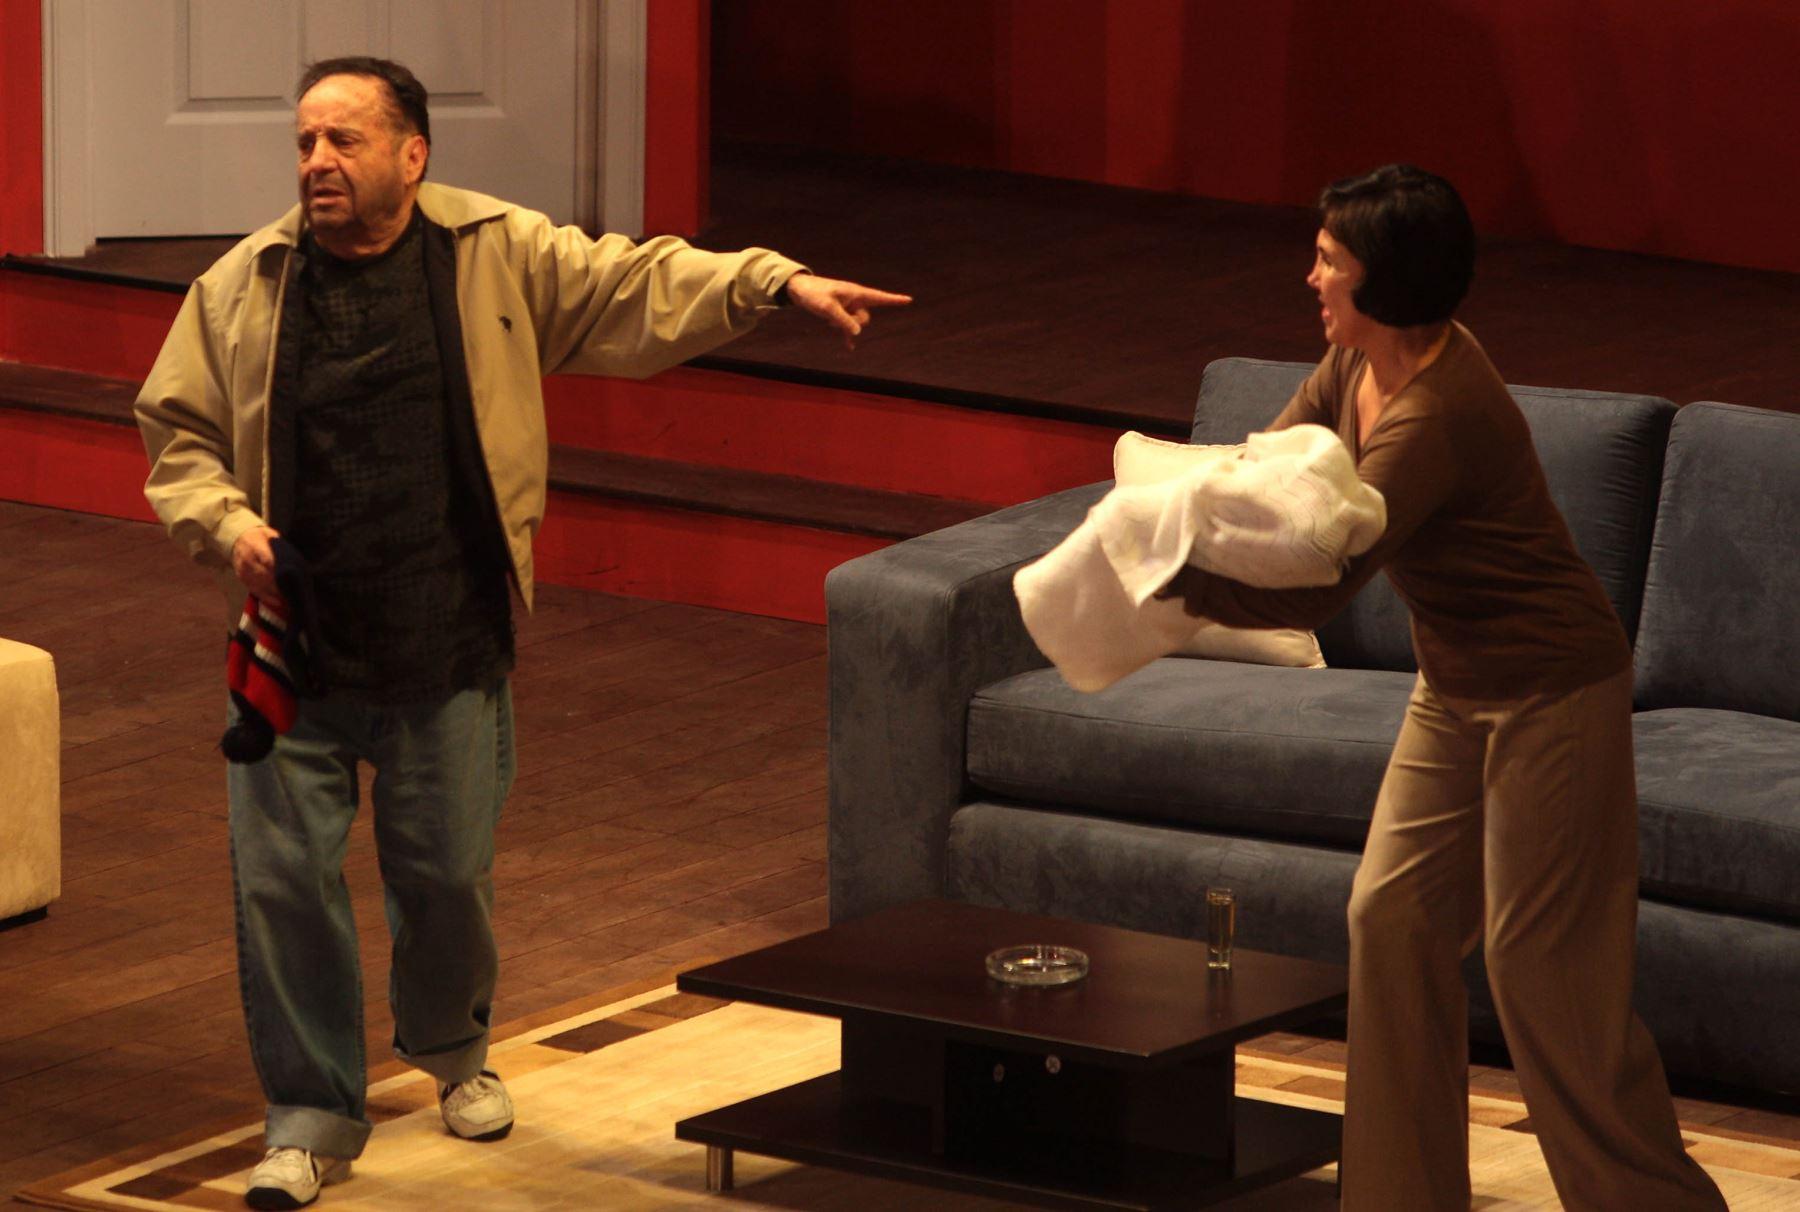 """Julio 2008. Roberto Gomez Bolaños """"Chespirito"""" junto a su compañera, Florinda Meza, durante la obra """"11 y 12"""" que presentó en Perú. Foto: ANDINA/Difusión"""